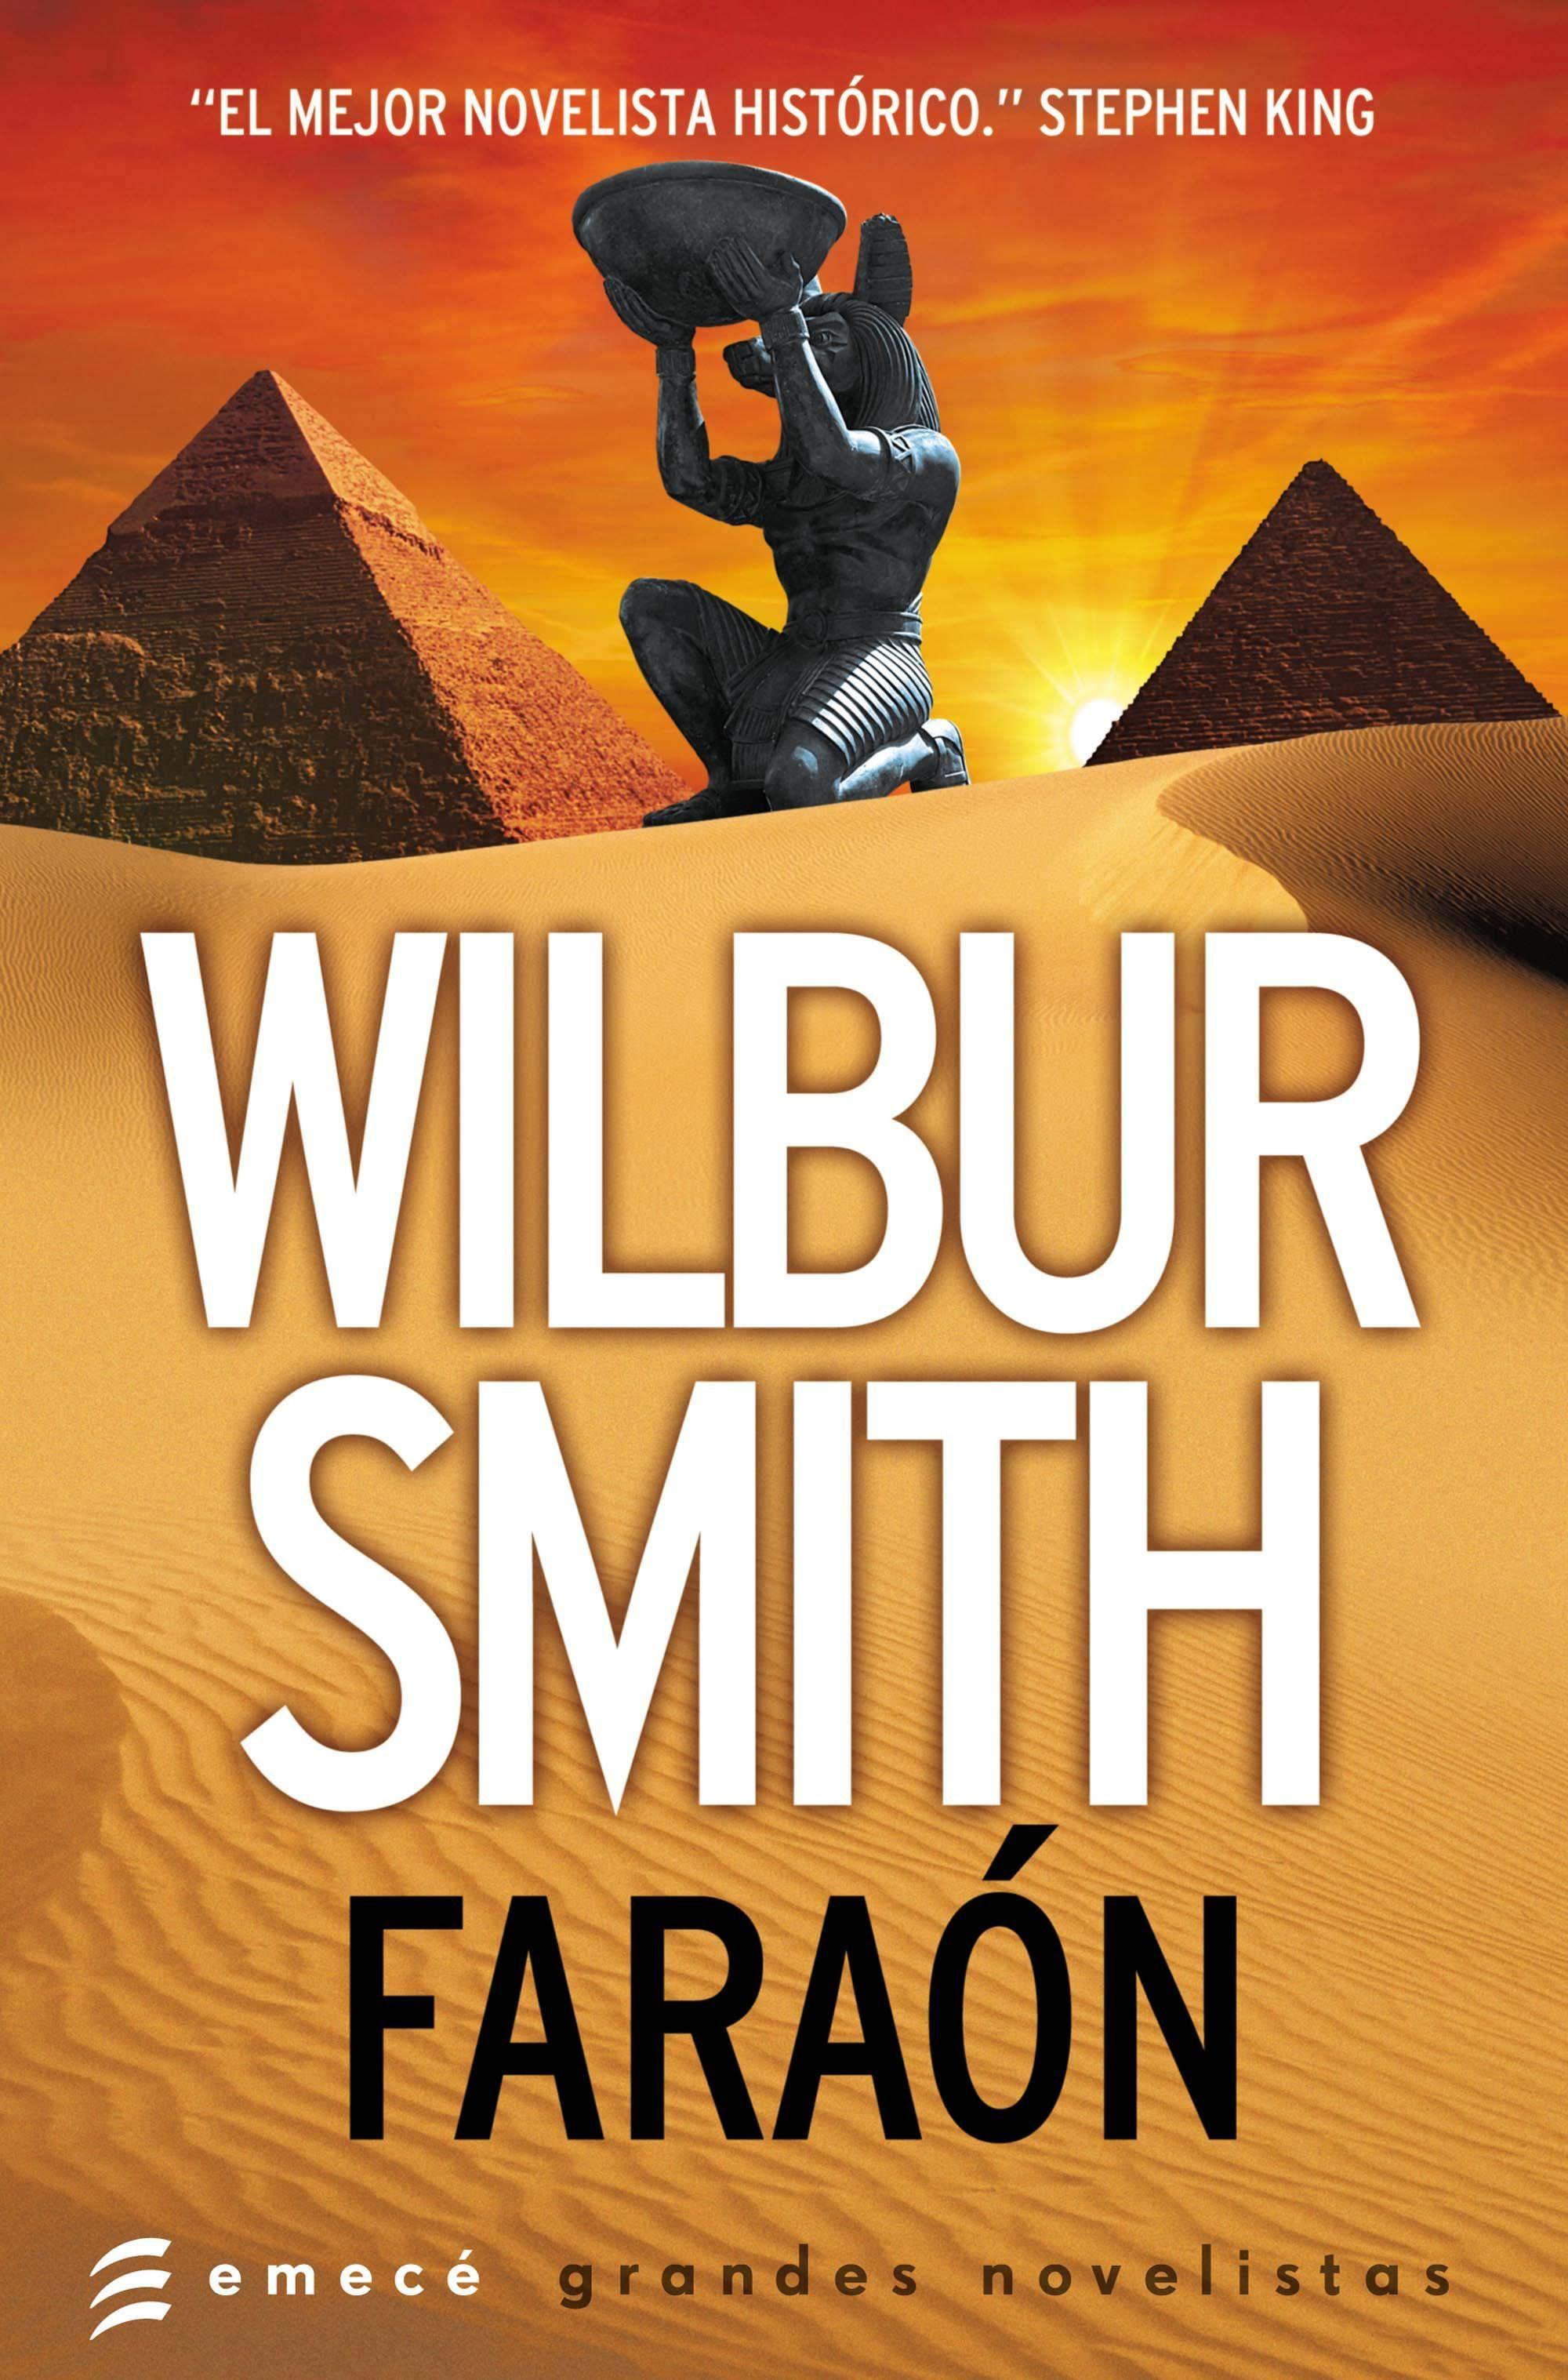 Fara³n Wilbur Smith Pdf Y EPUB Capitulo 1 Recuerdo vvidamente la sensaci³n de fatalidad que me embargaba al acercarnos Yo saba que esta vez haba